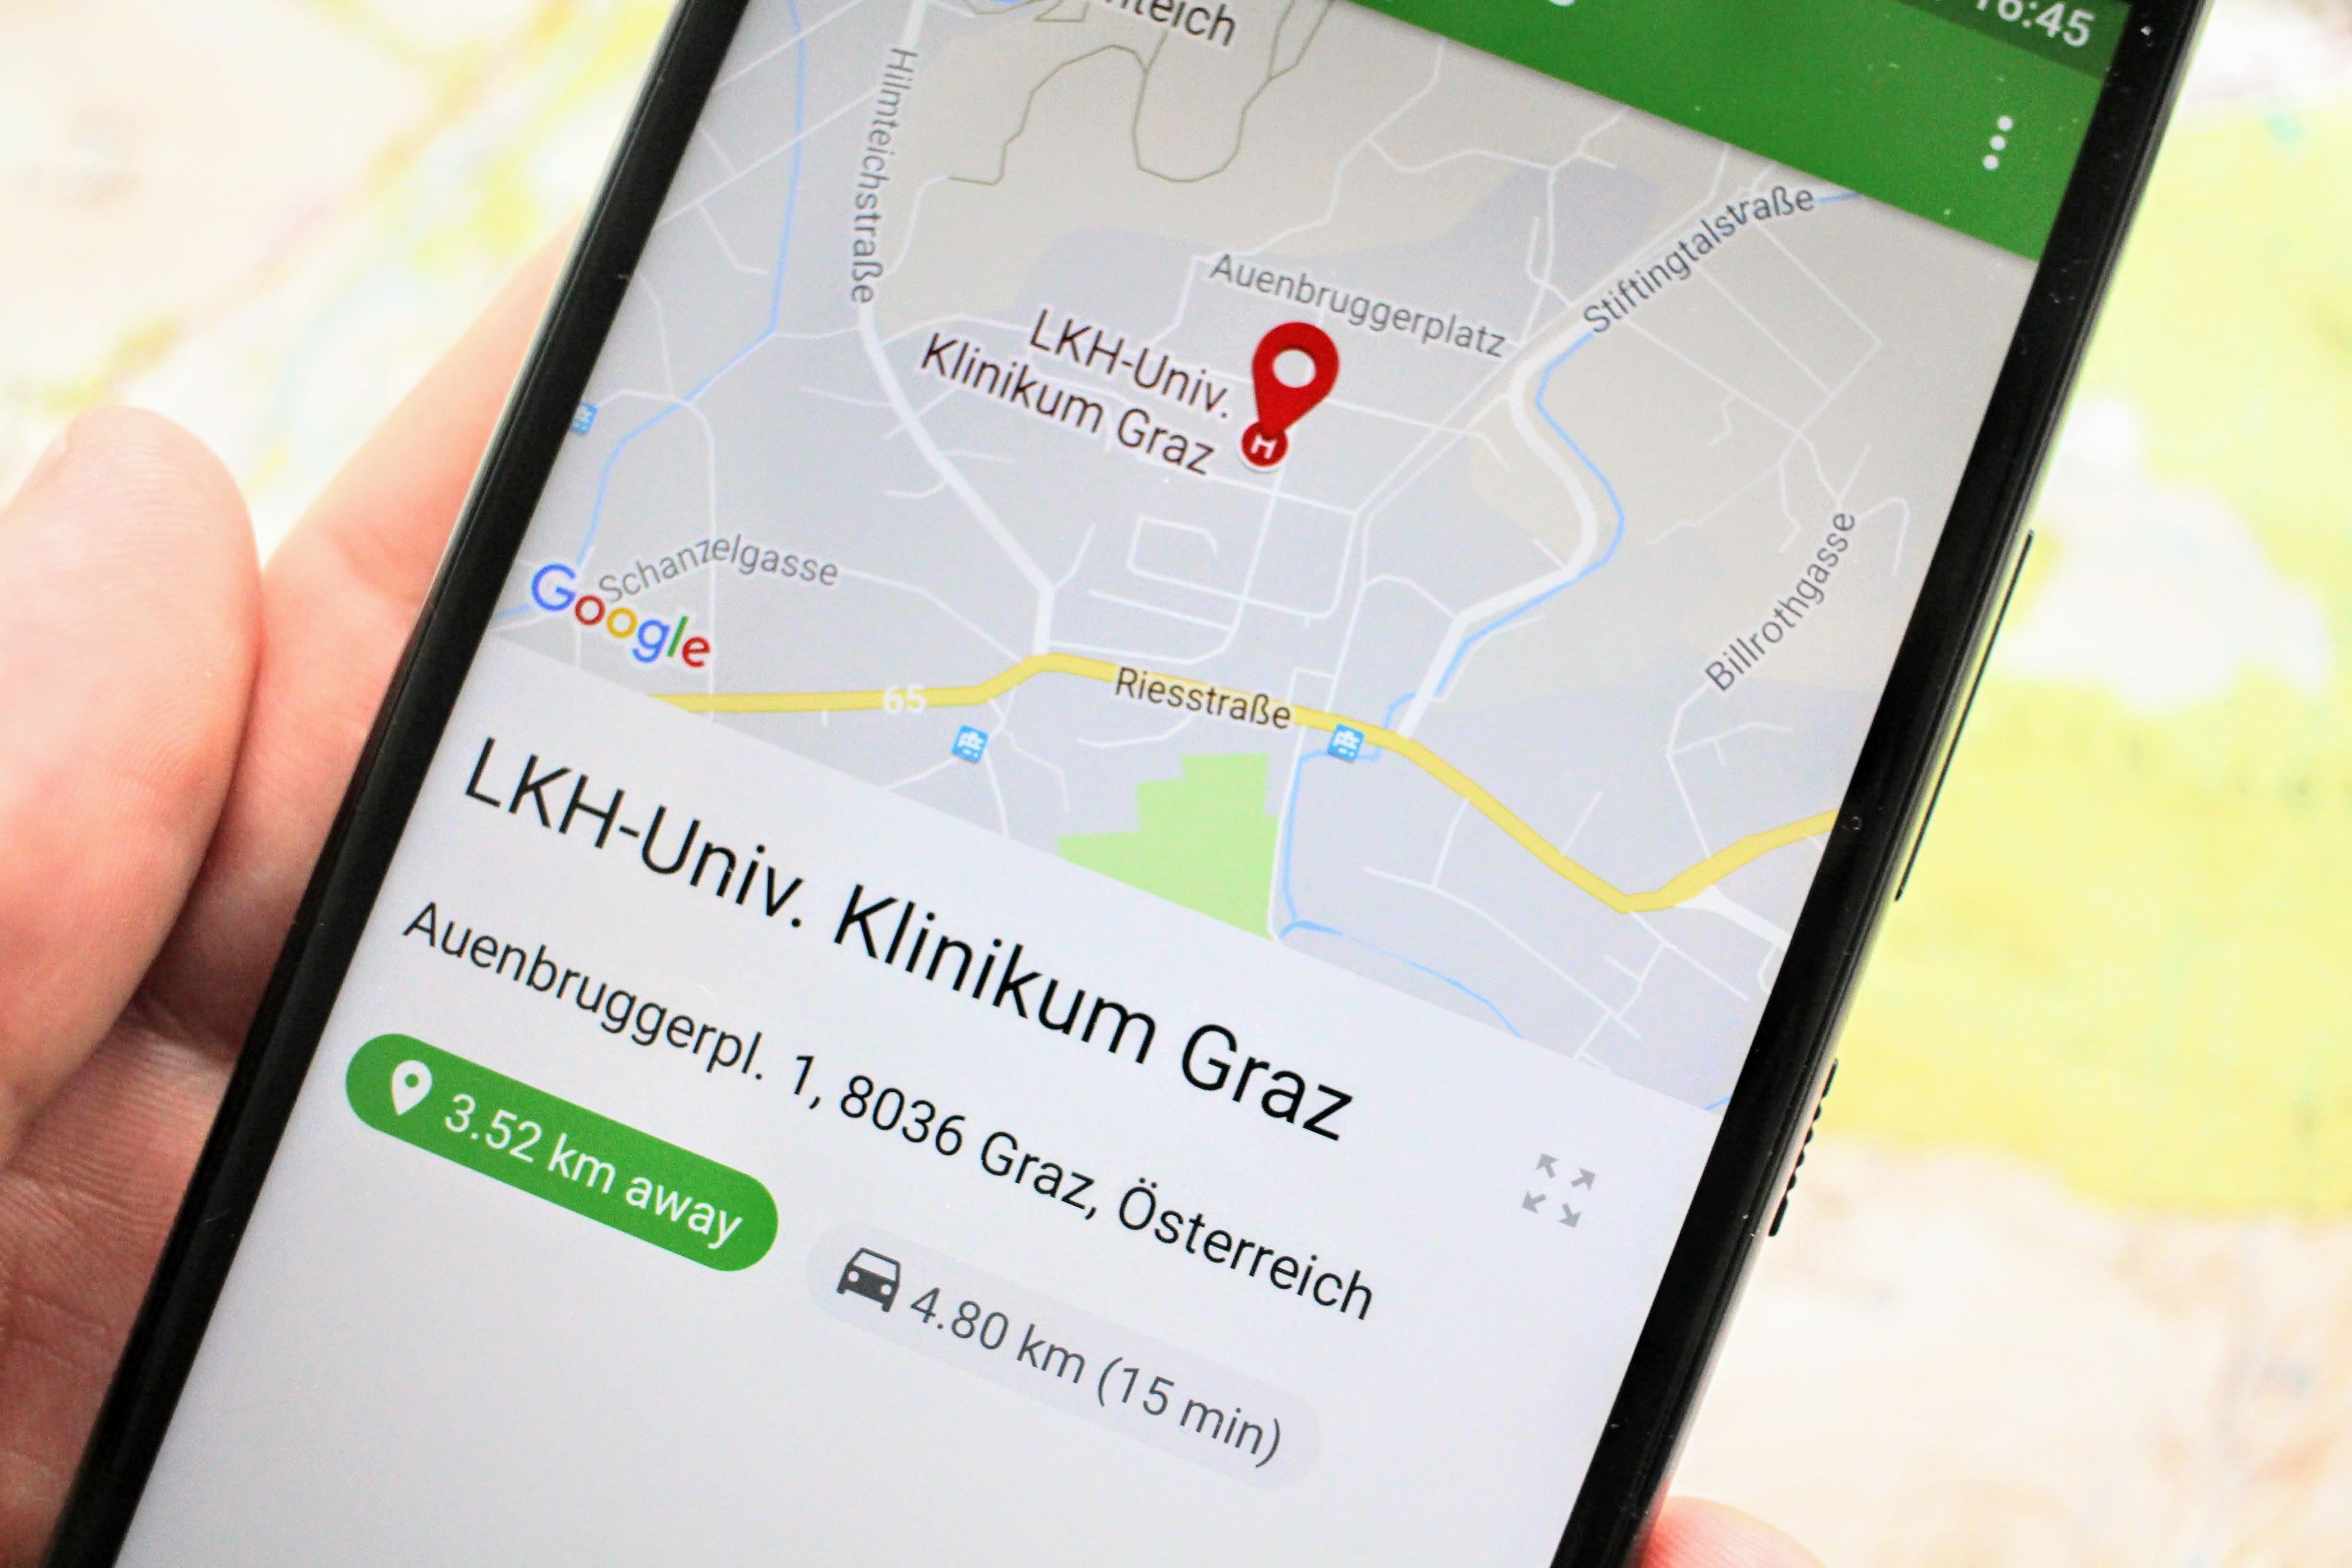 Entfernung, Fahrzeit und Fahrstrecke werden für jeden Ort angezeigt